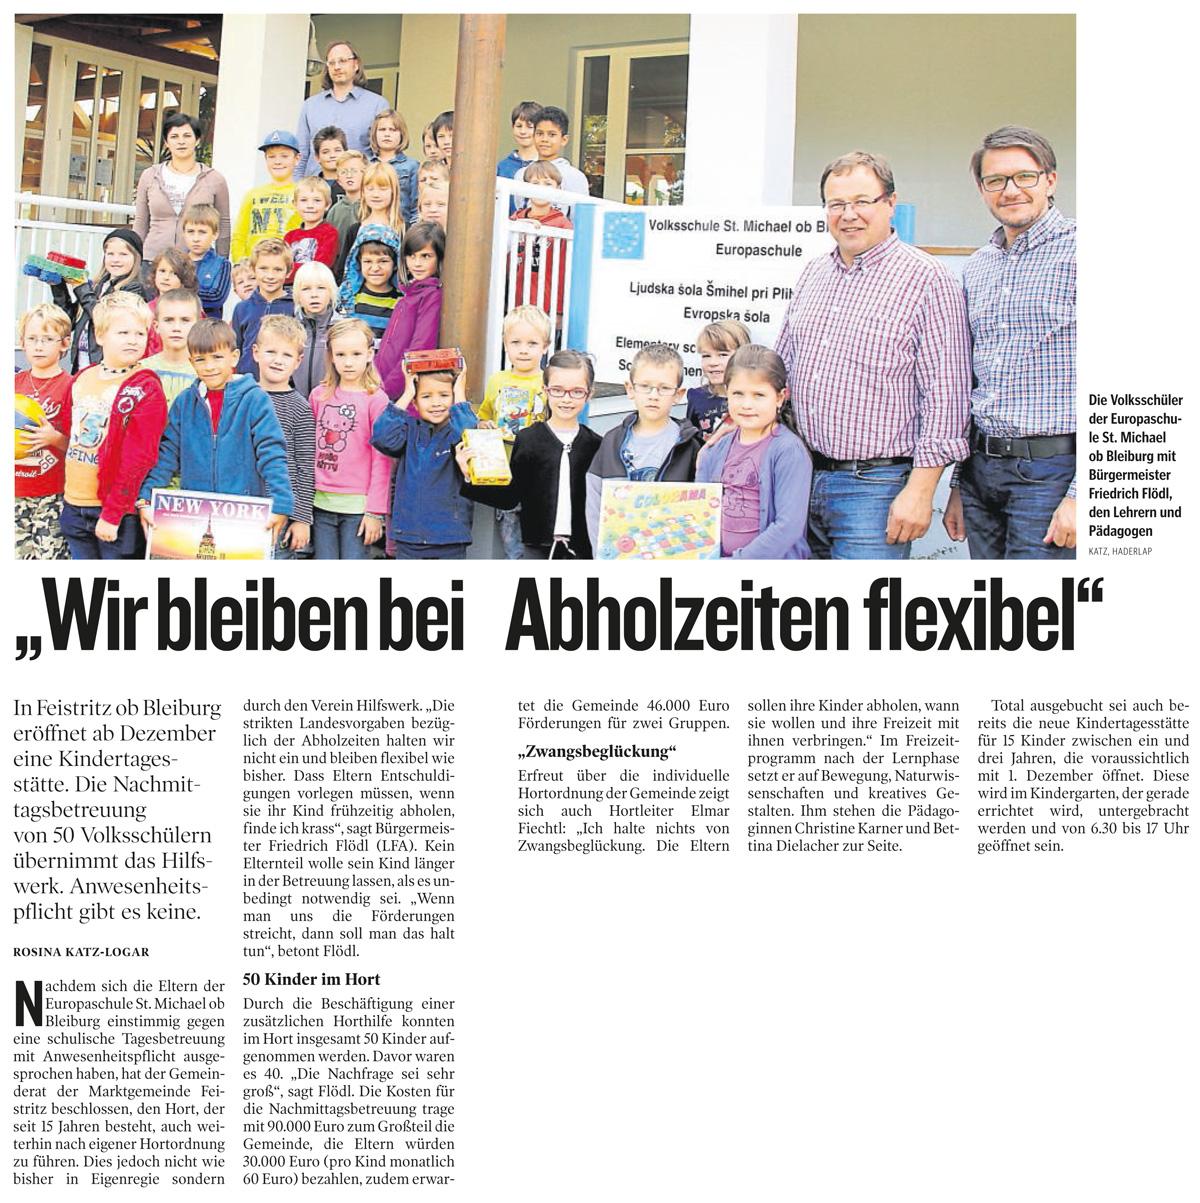 kleinezeitung_20141009